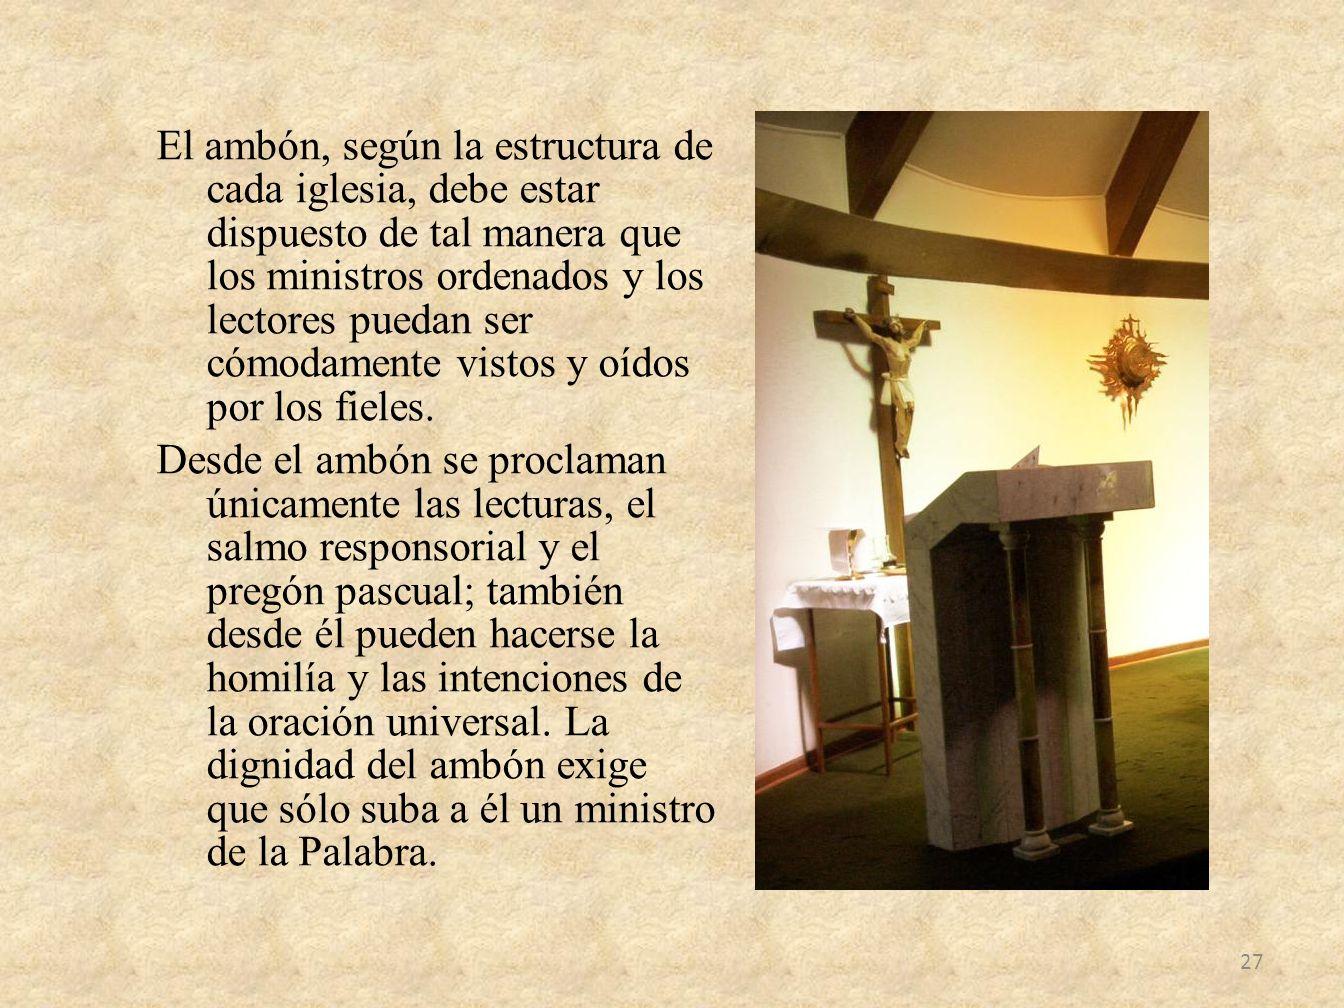 El ambón, según la estructura de cada iglesia, debe estar dispuesto de tal manera que los ministros ordenados y los lectores puedan ser cómodamente vi